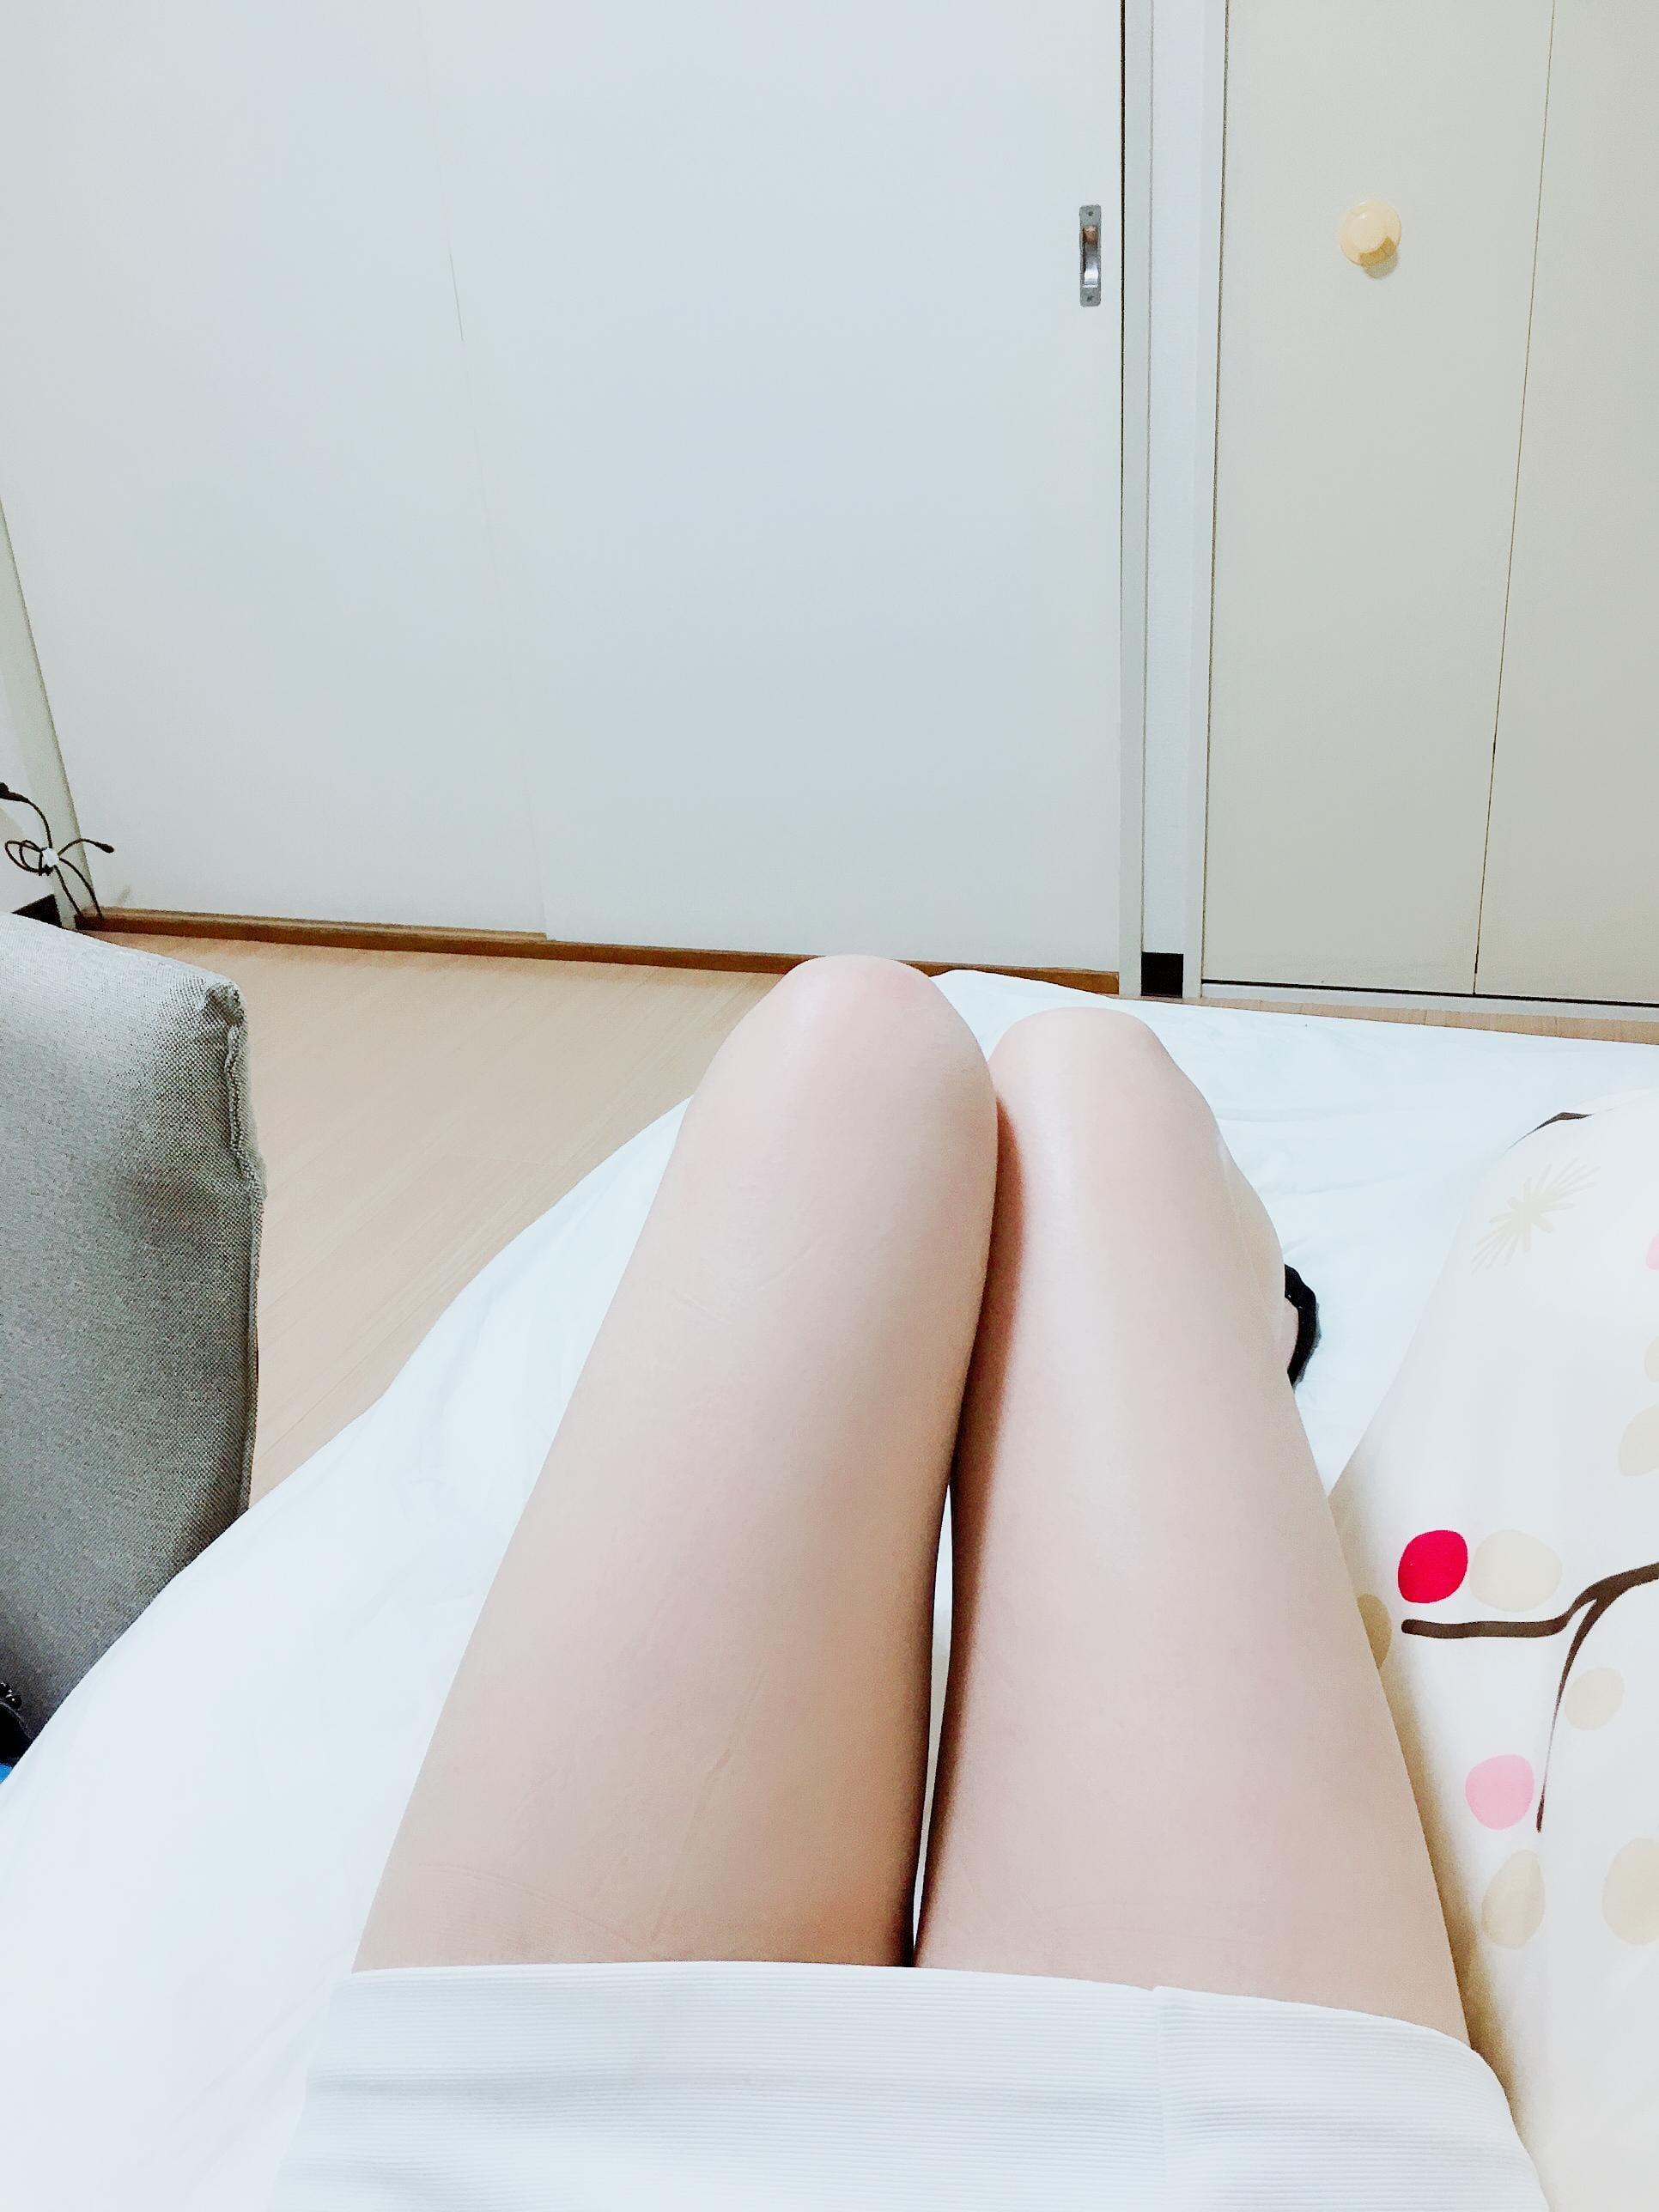 らんか「こんばんは」05/25(金) 02:44   らんかの写メ・風俗動画